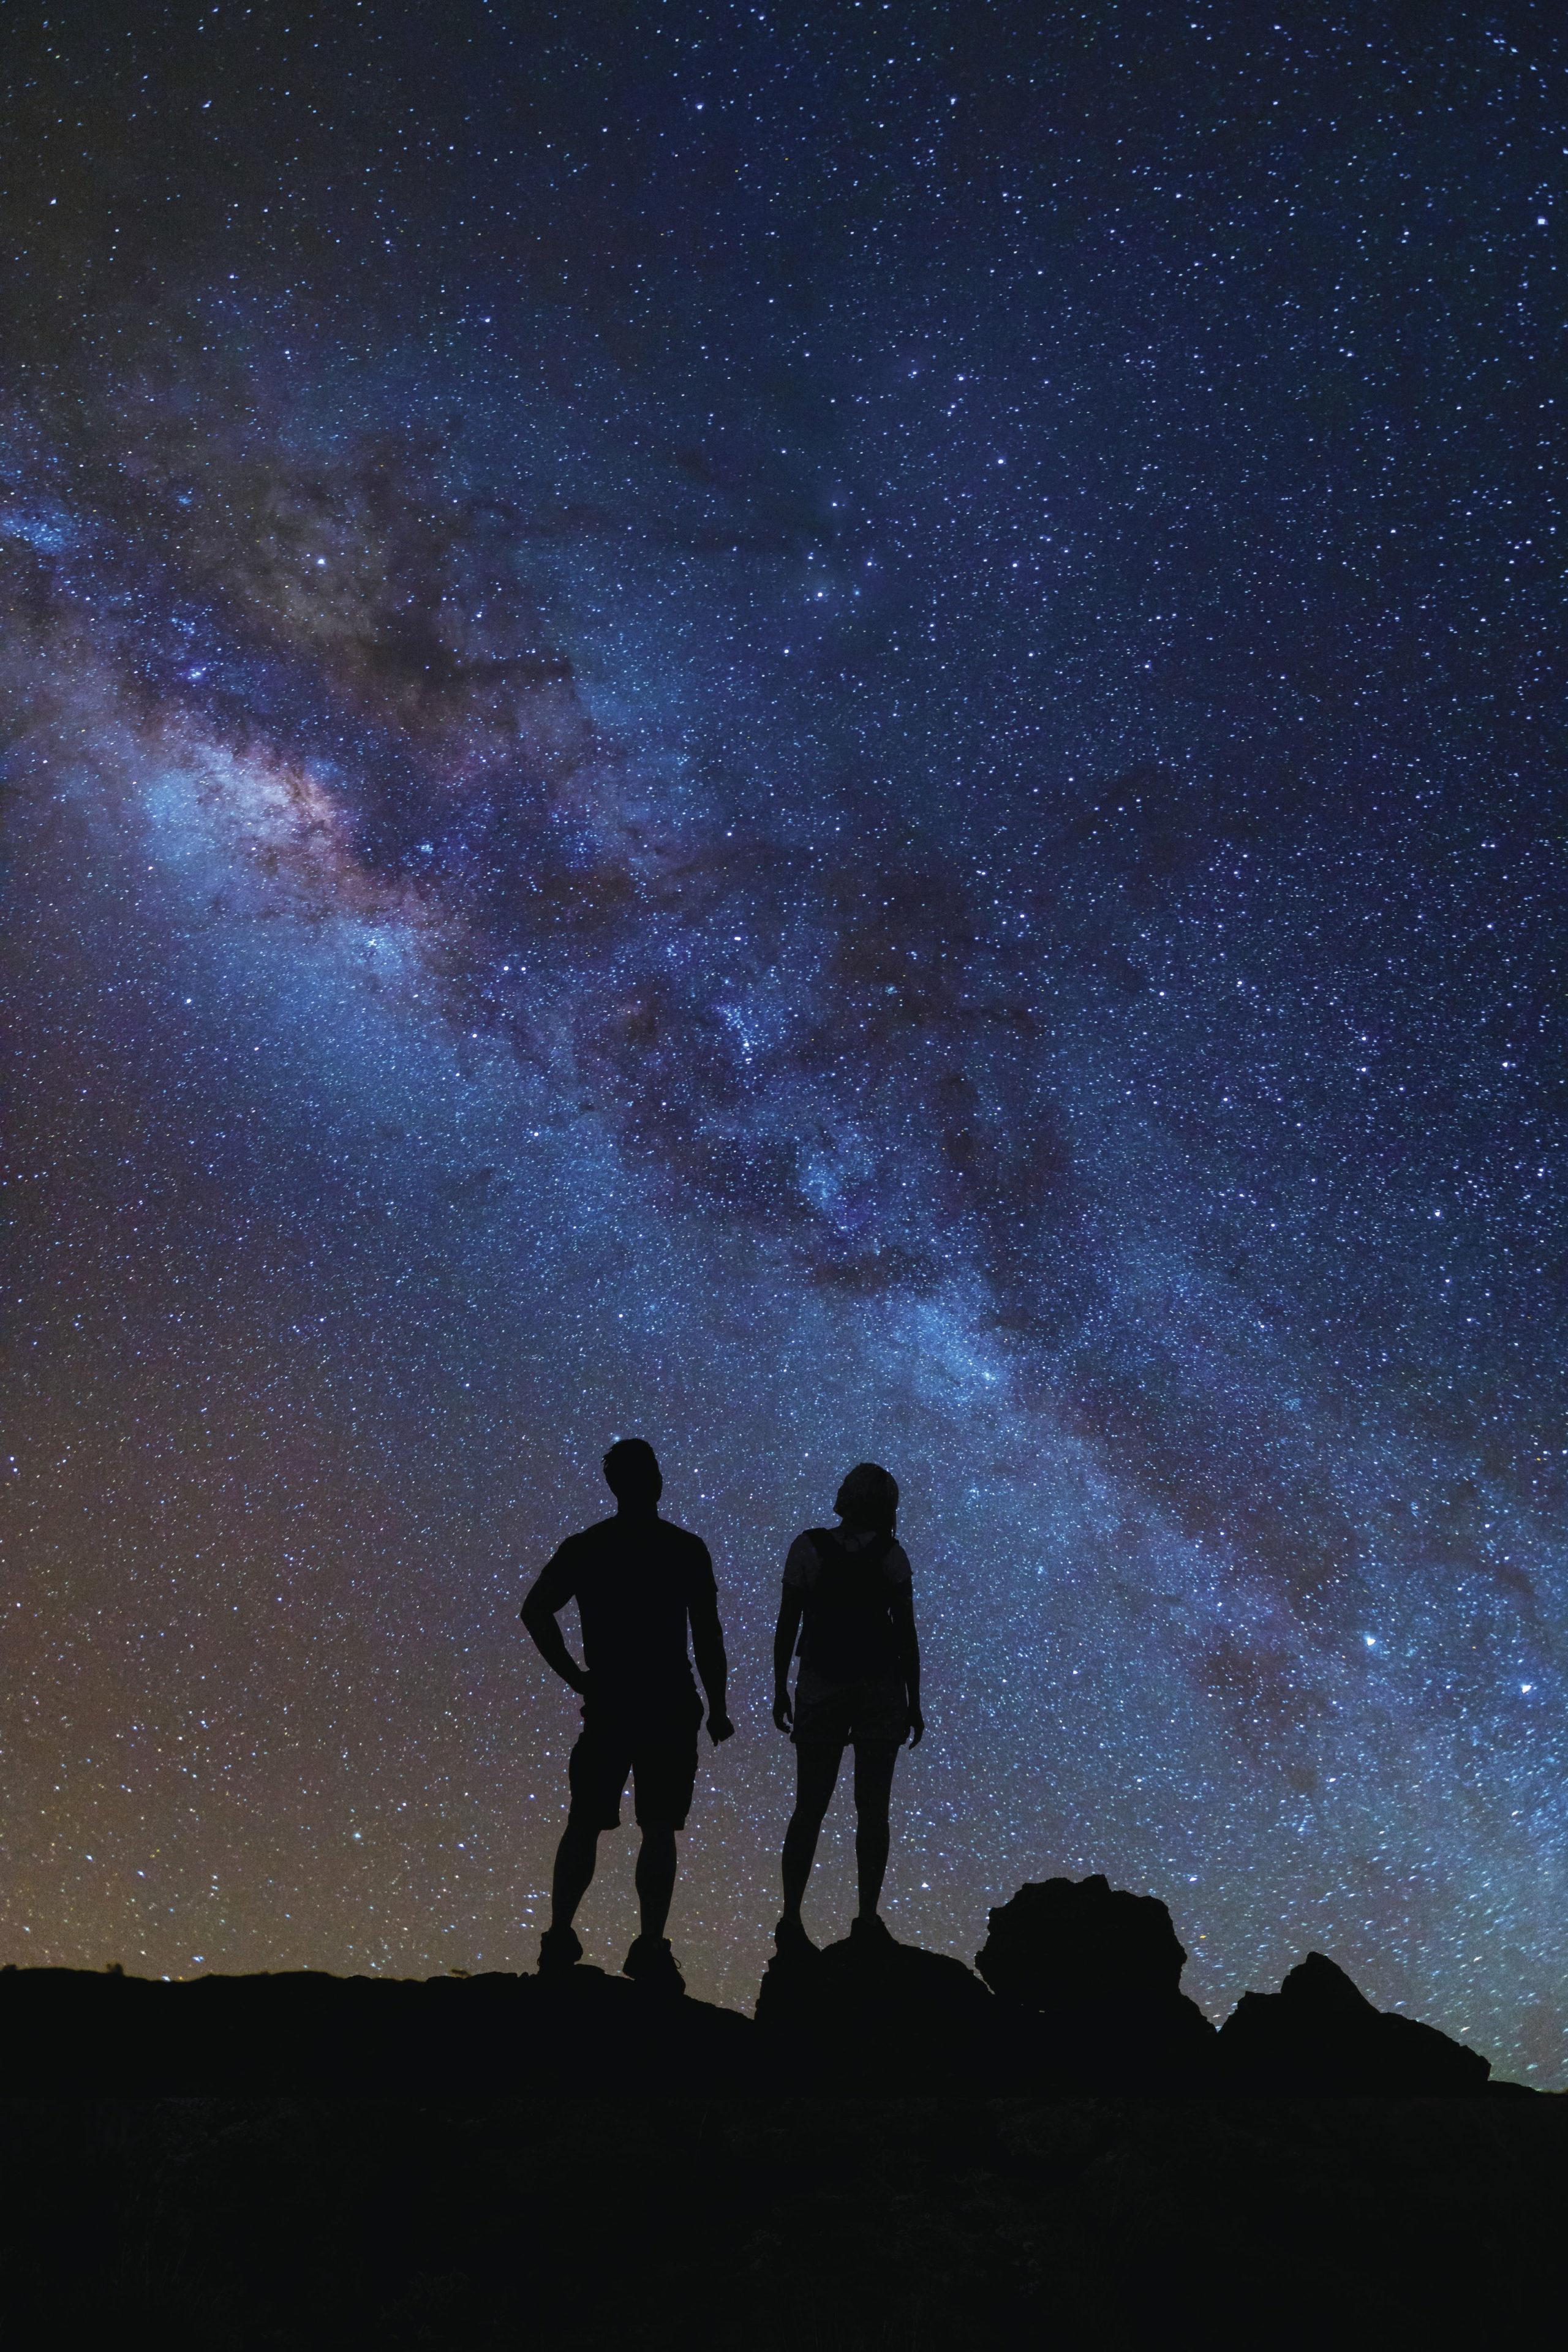 Einer der weltweit besten Orte, um Sterne zu beobachten ist Arkaroola: Drei Observatorien, keine störenden Lichter und professionelle Führungen garantieren unvergessliche Sternstunden - Highlights Südaustraliens selbst erkunden